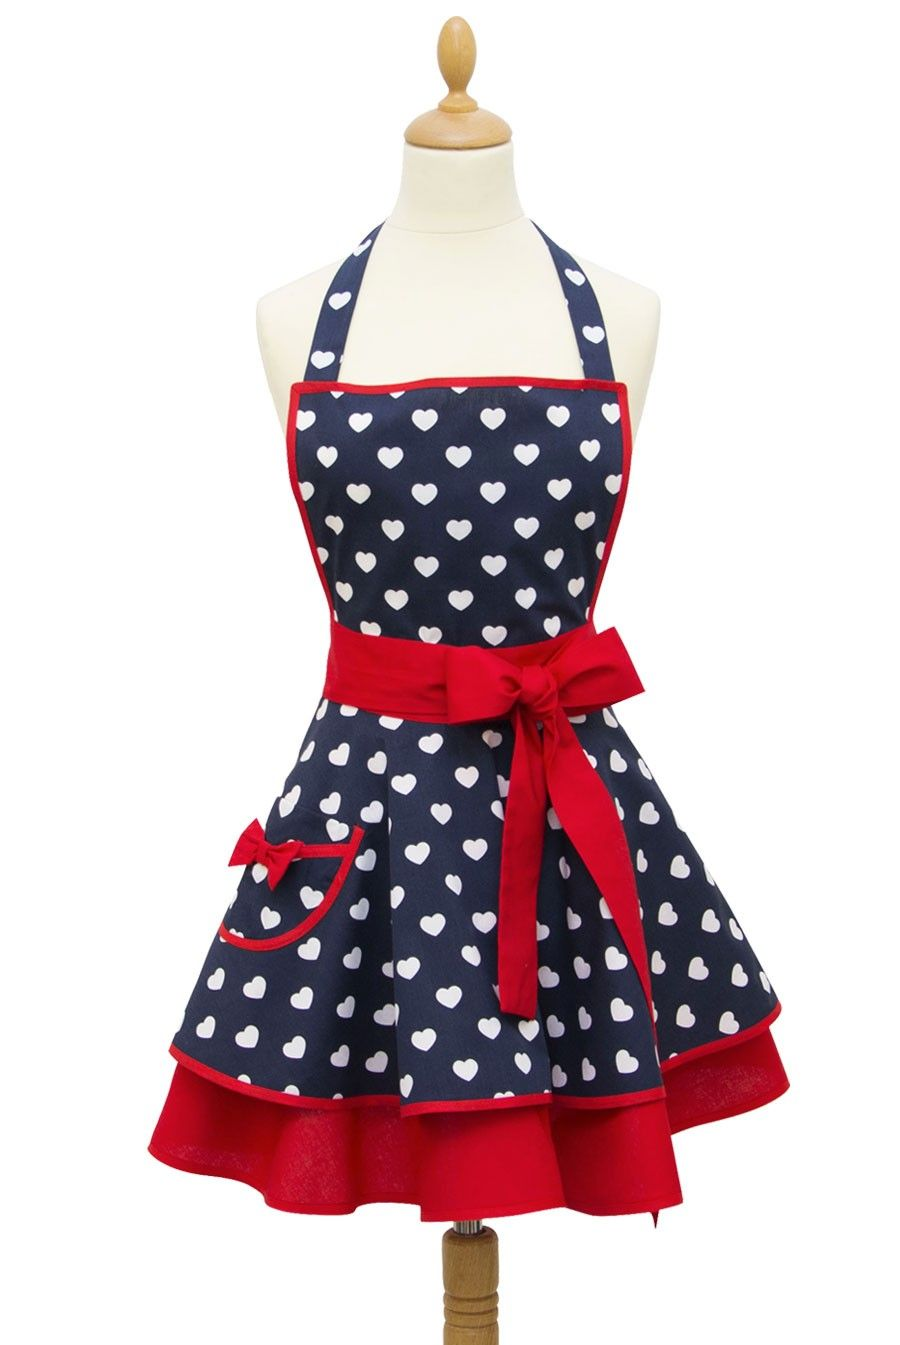 tablier-cuisine-coeur-bleu | tabliers de cuisine | Sewing aprons ...